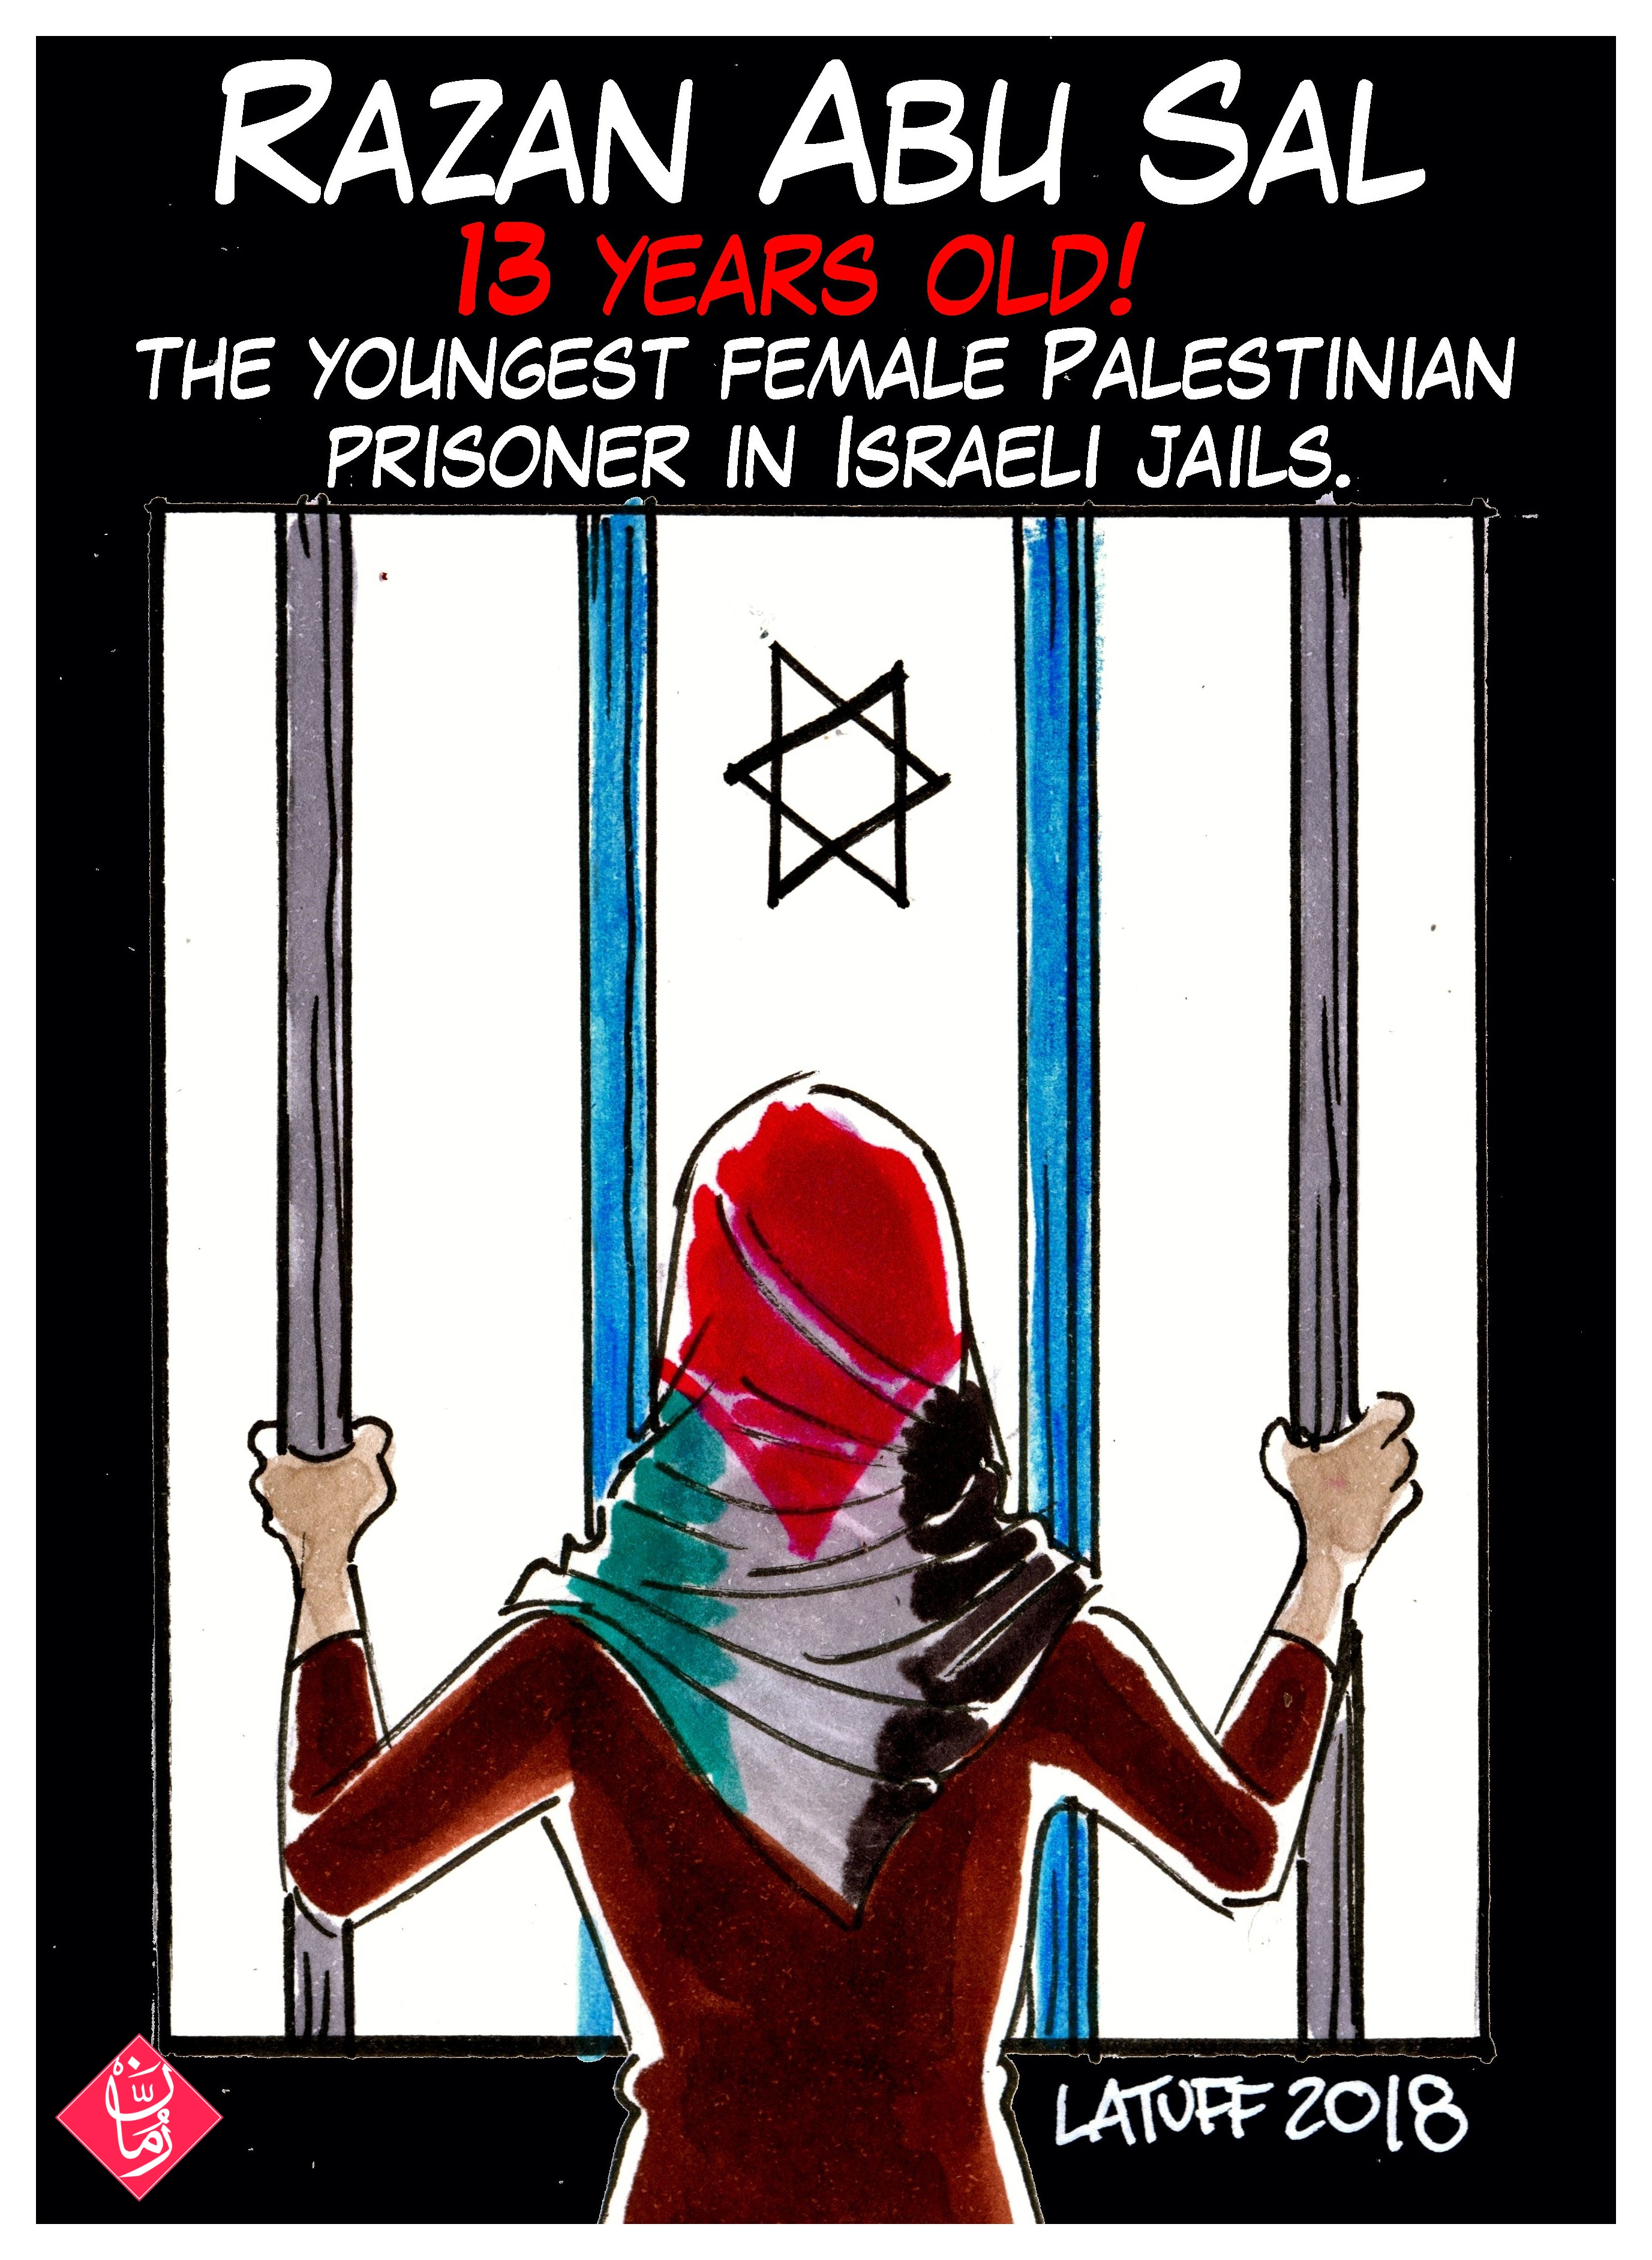 الأسيرة رزان أبو سل (13عاماً)